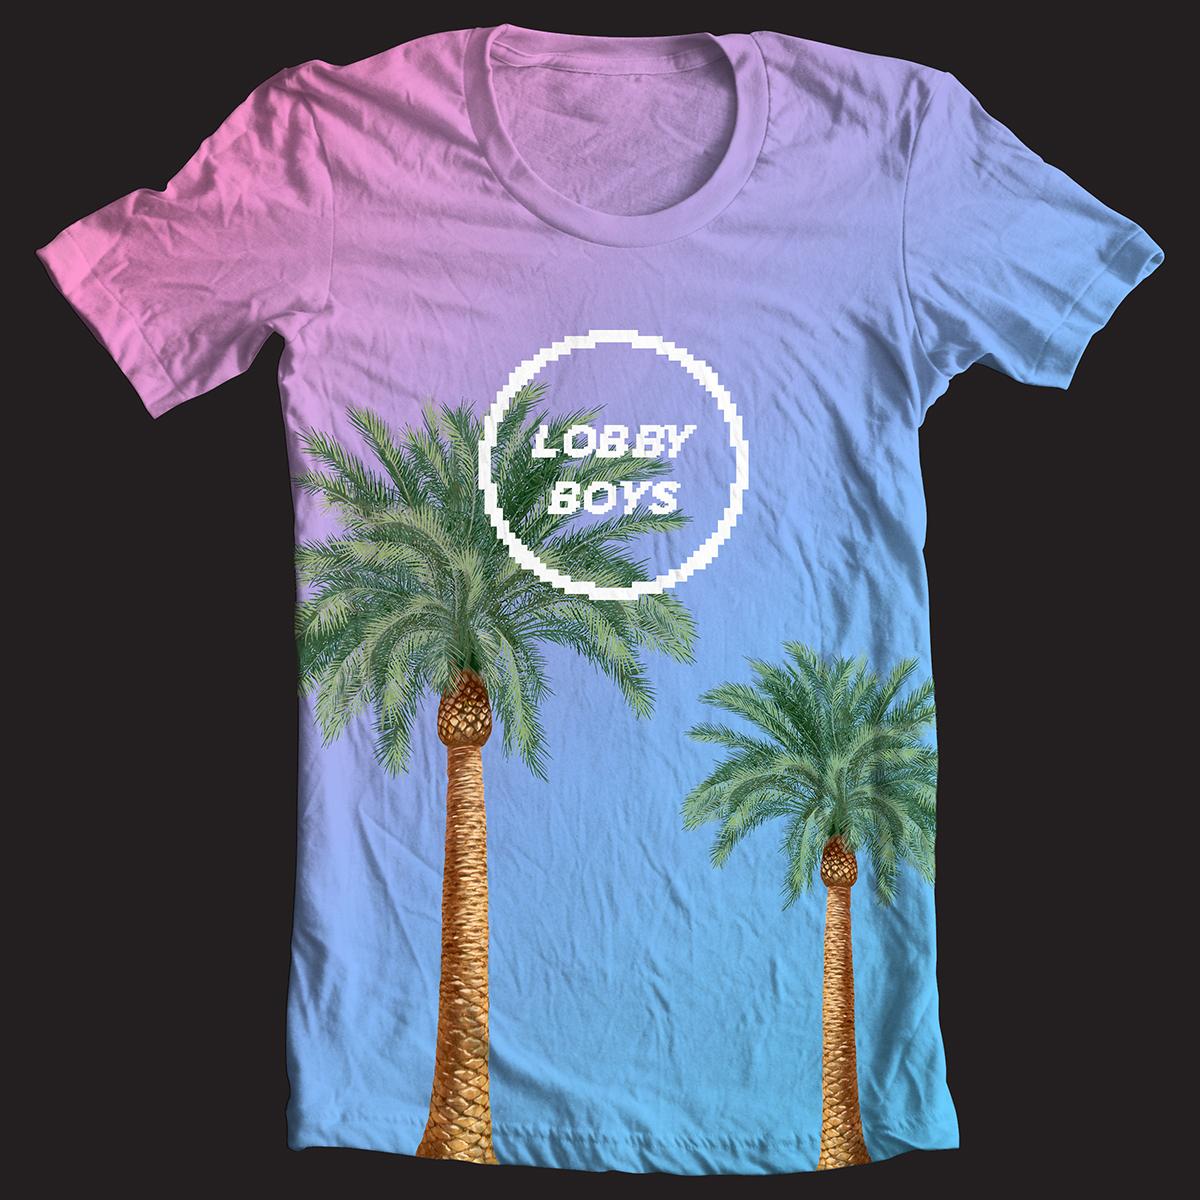 shirt_lobbyboys.jpg